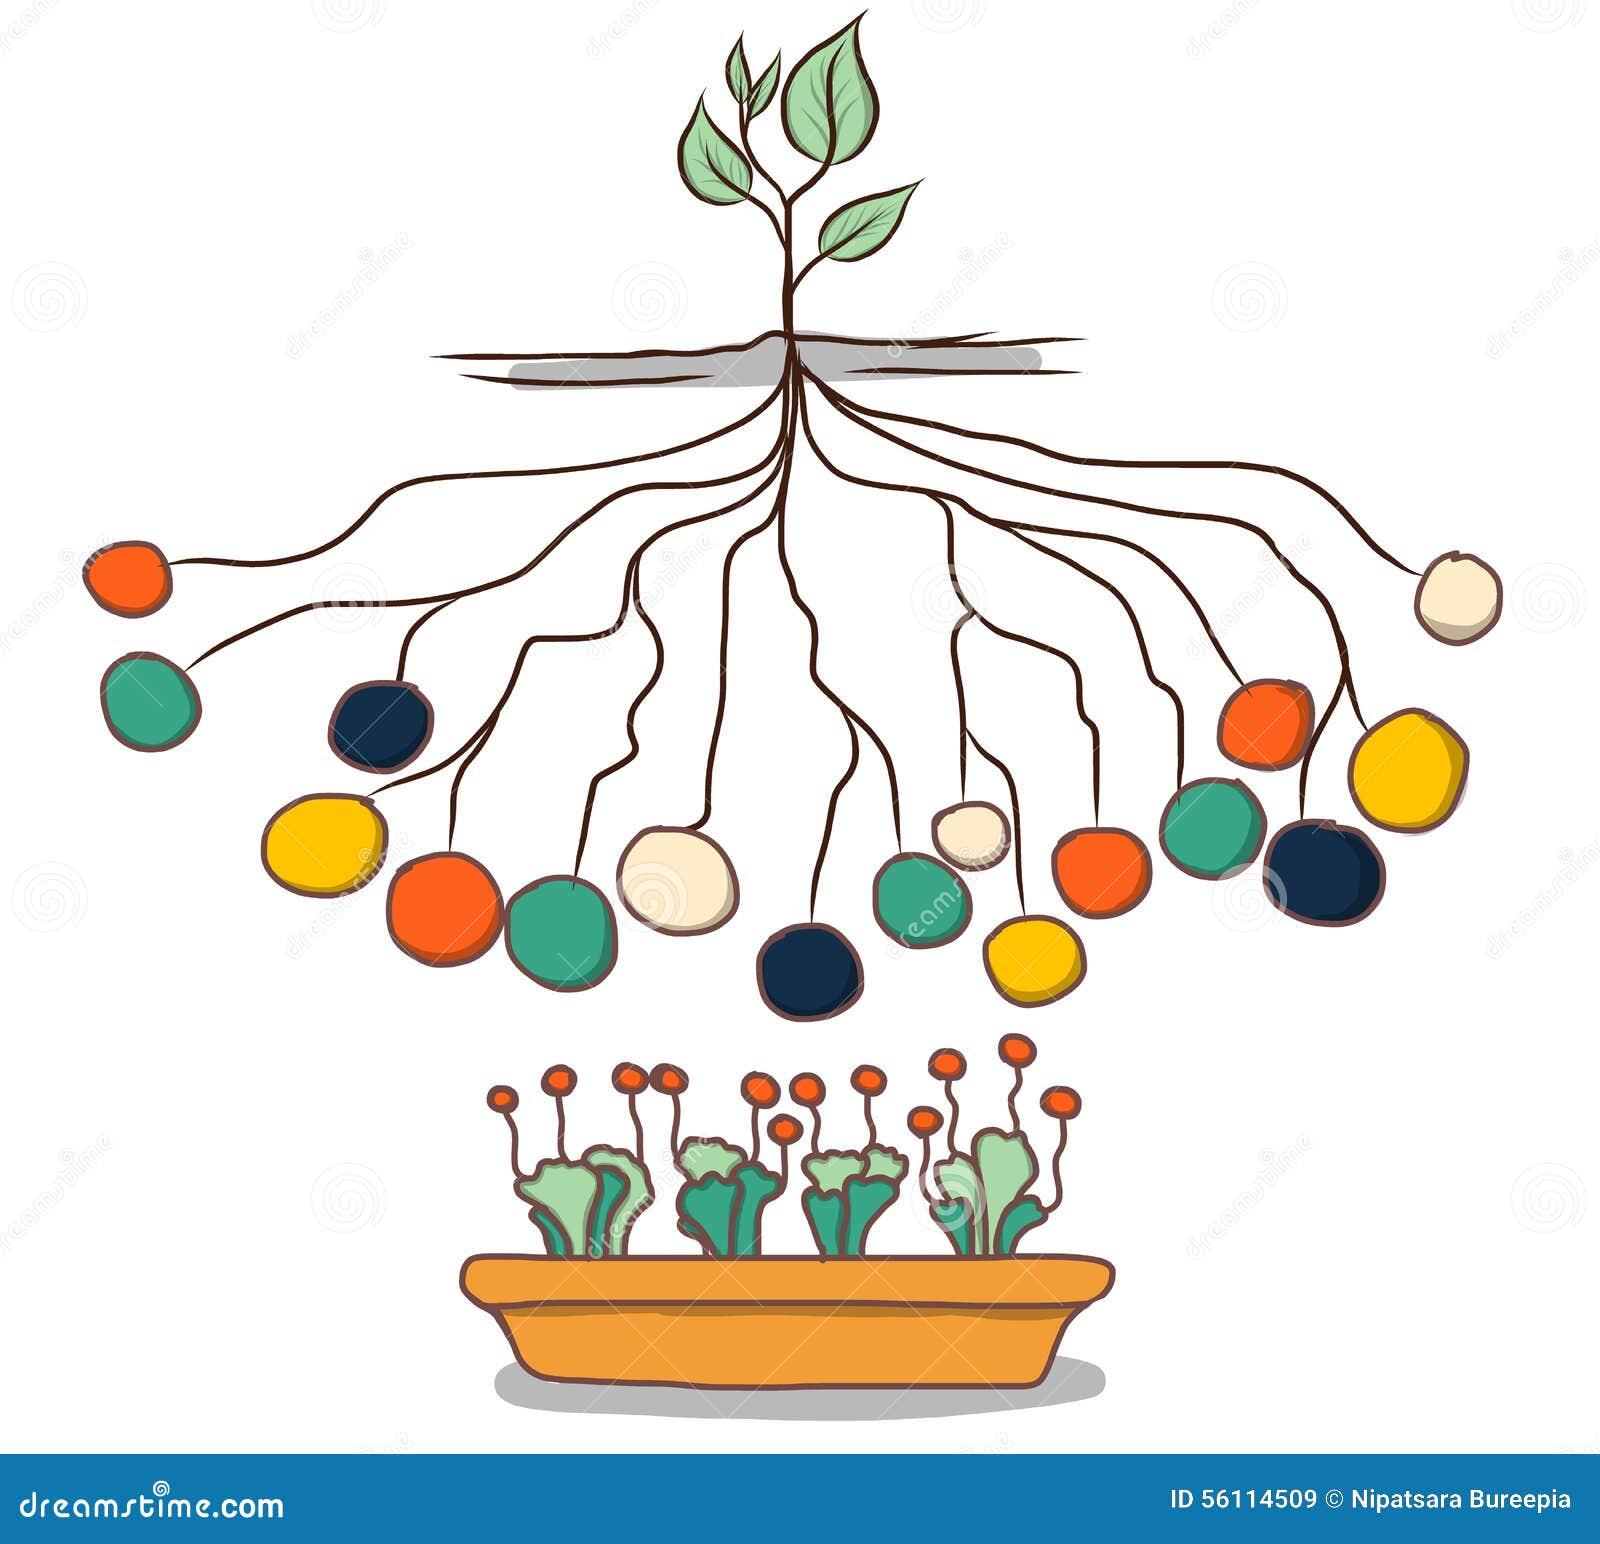 手拉的信息图表模板样式 树形网络